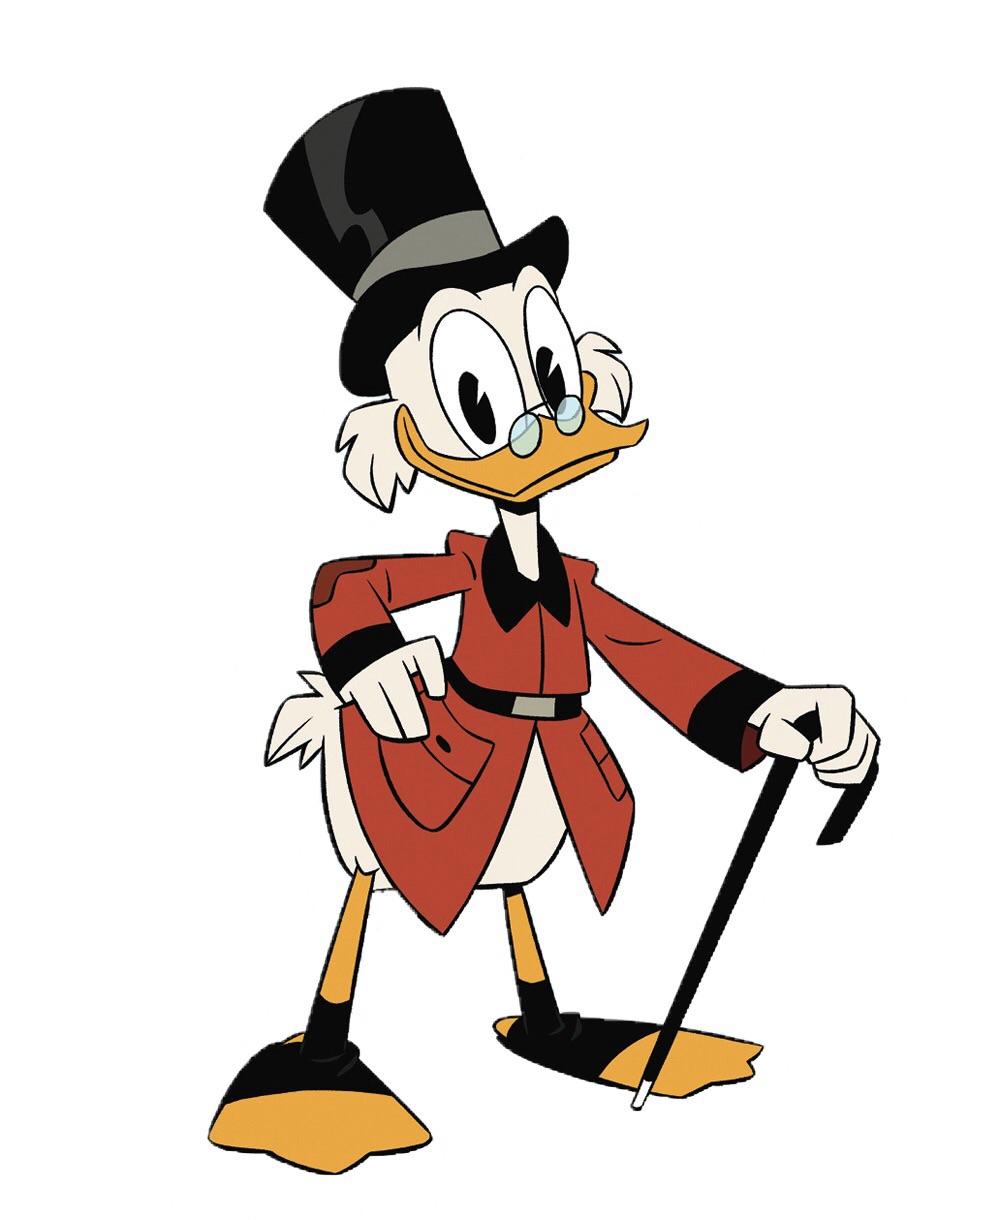 Scrooge_McDuck_DuckTales_2017.jpg